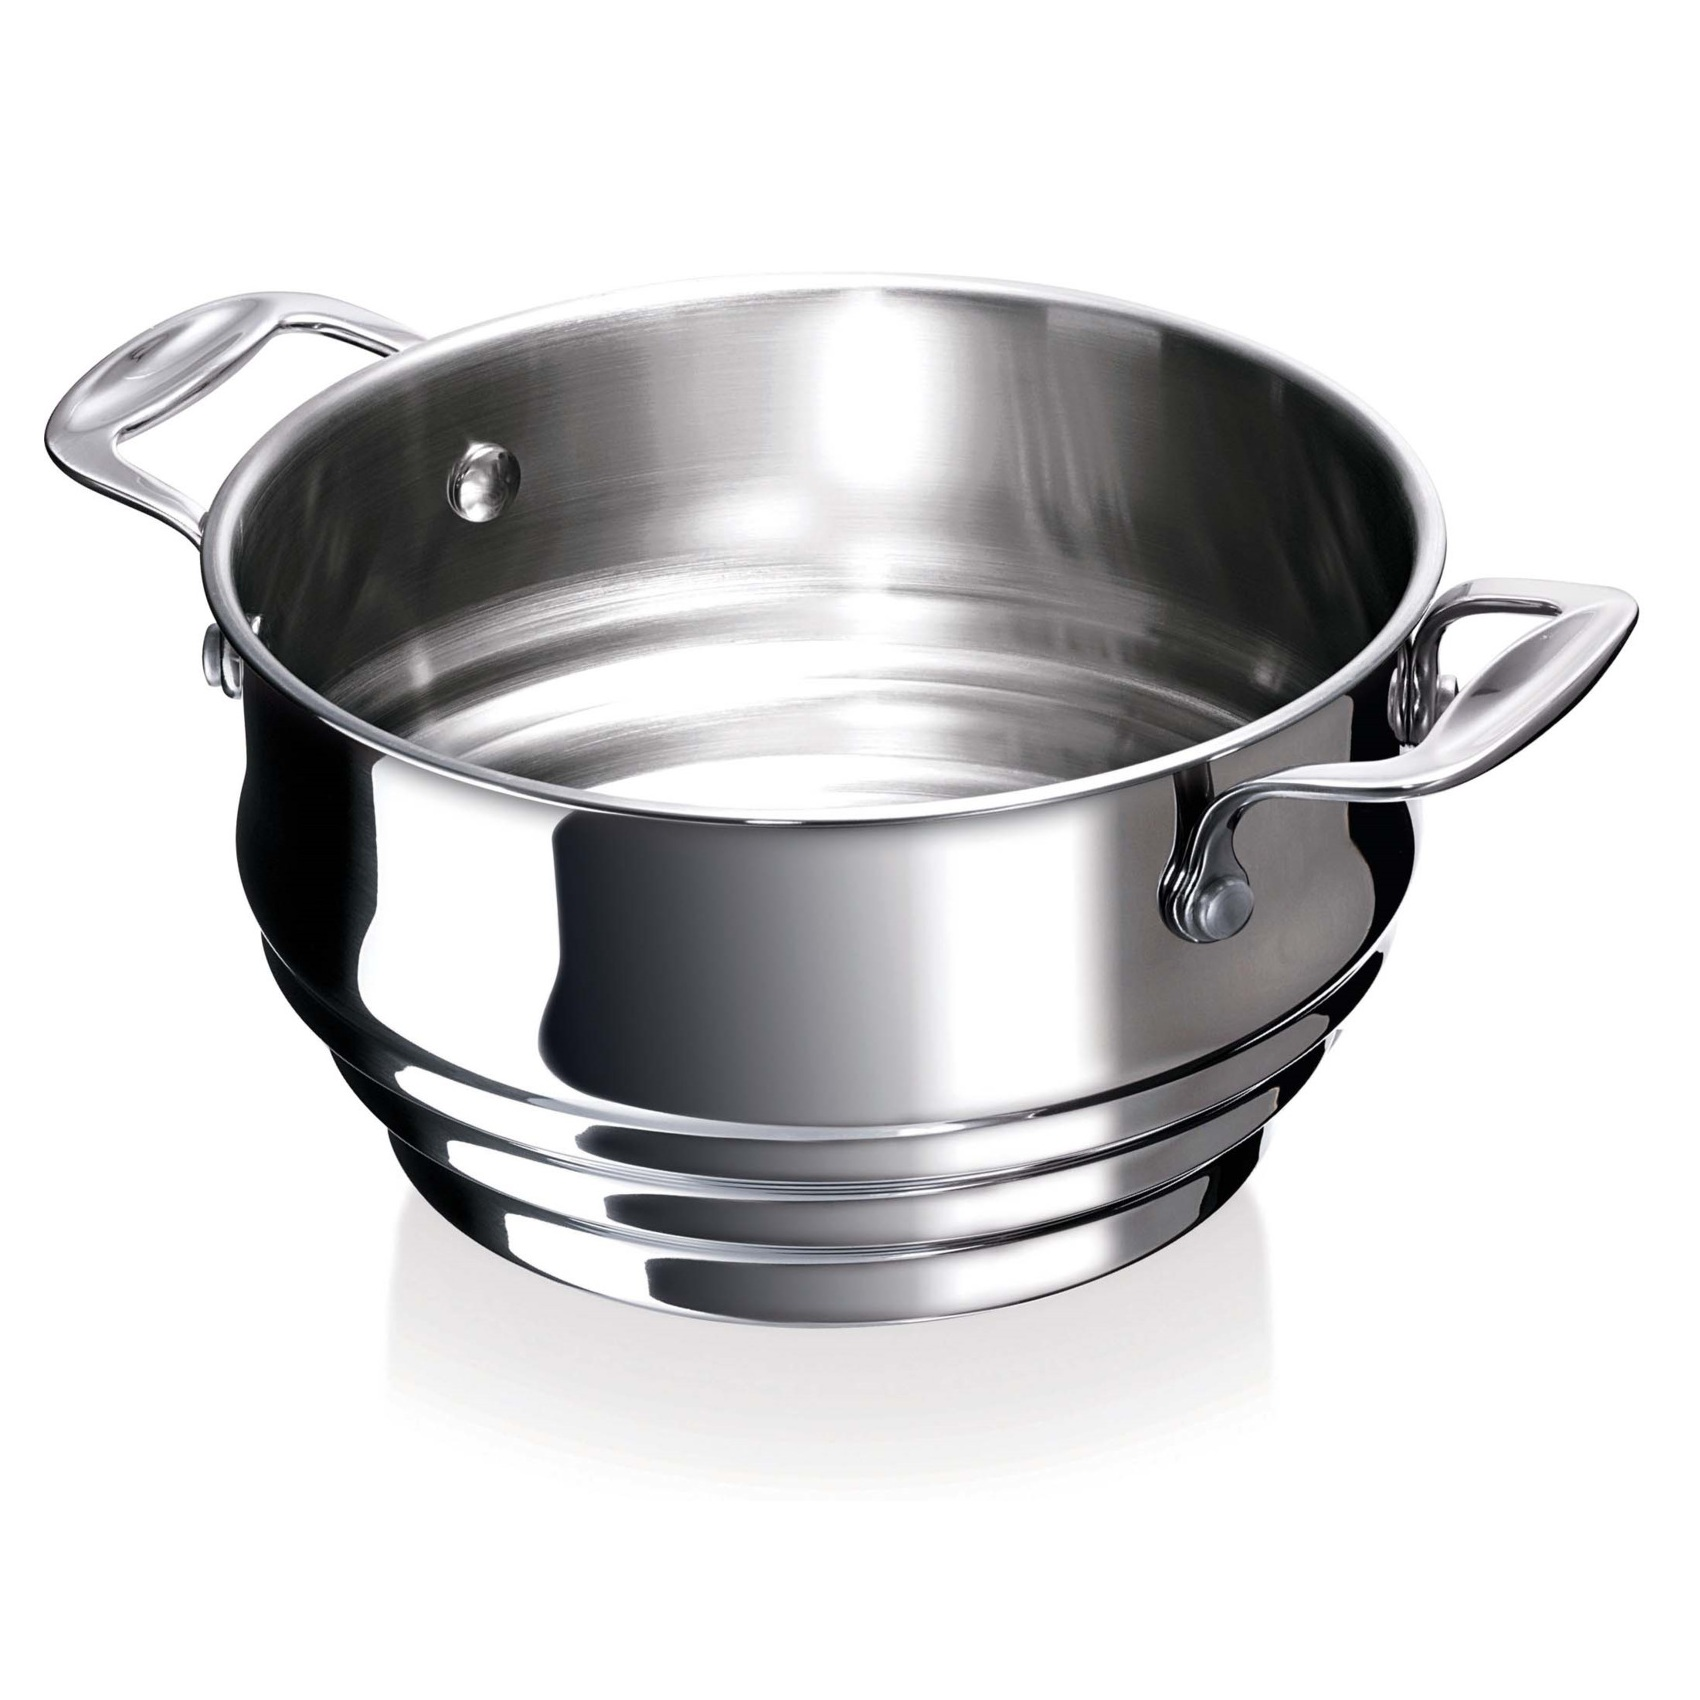 Вставка-пароварка для кастрюли Beka Chef 16-18-20 см